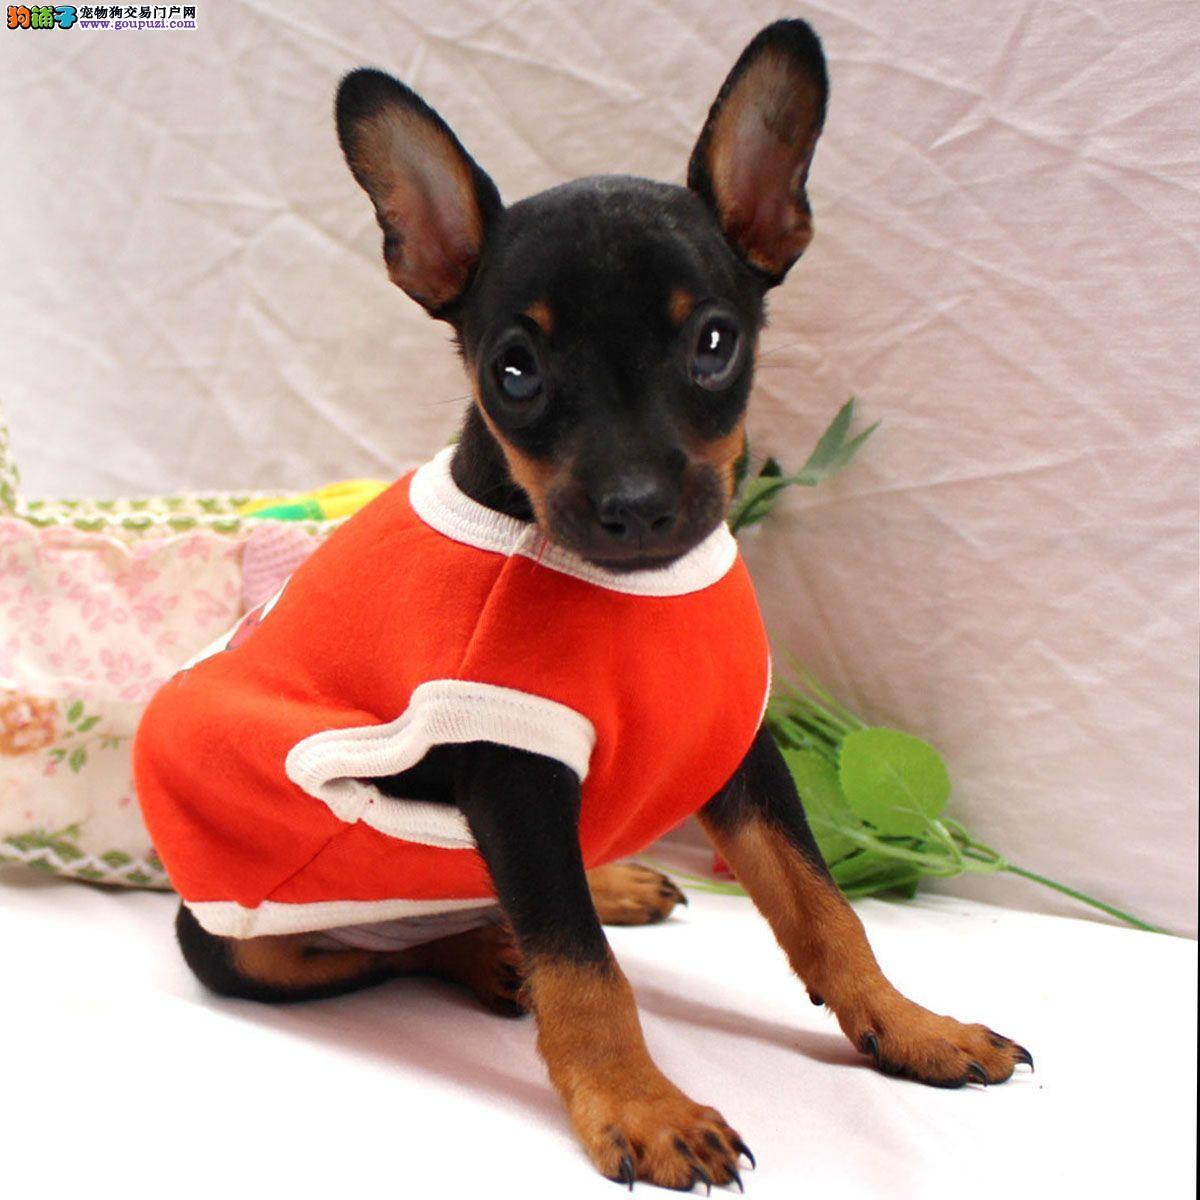 出售小鹿幼犬 铁包金 红色小鹿犬 包健康纯种 公母都有